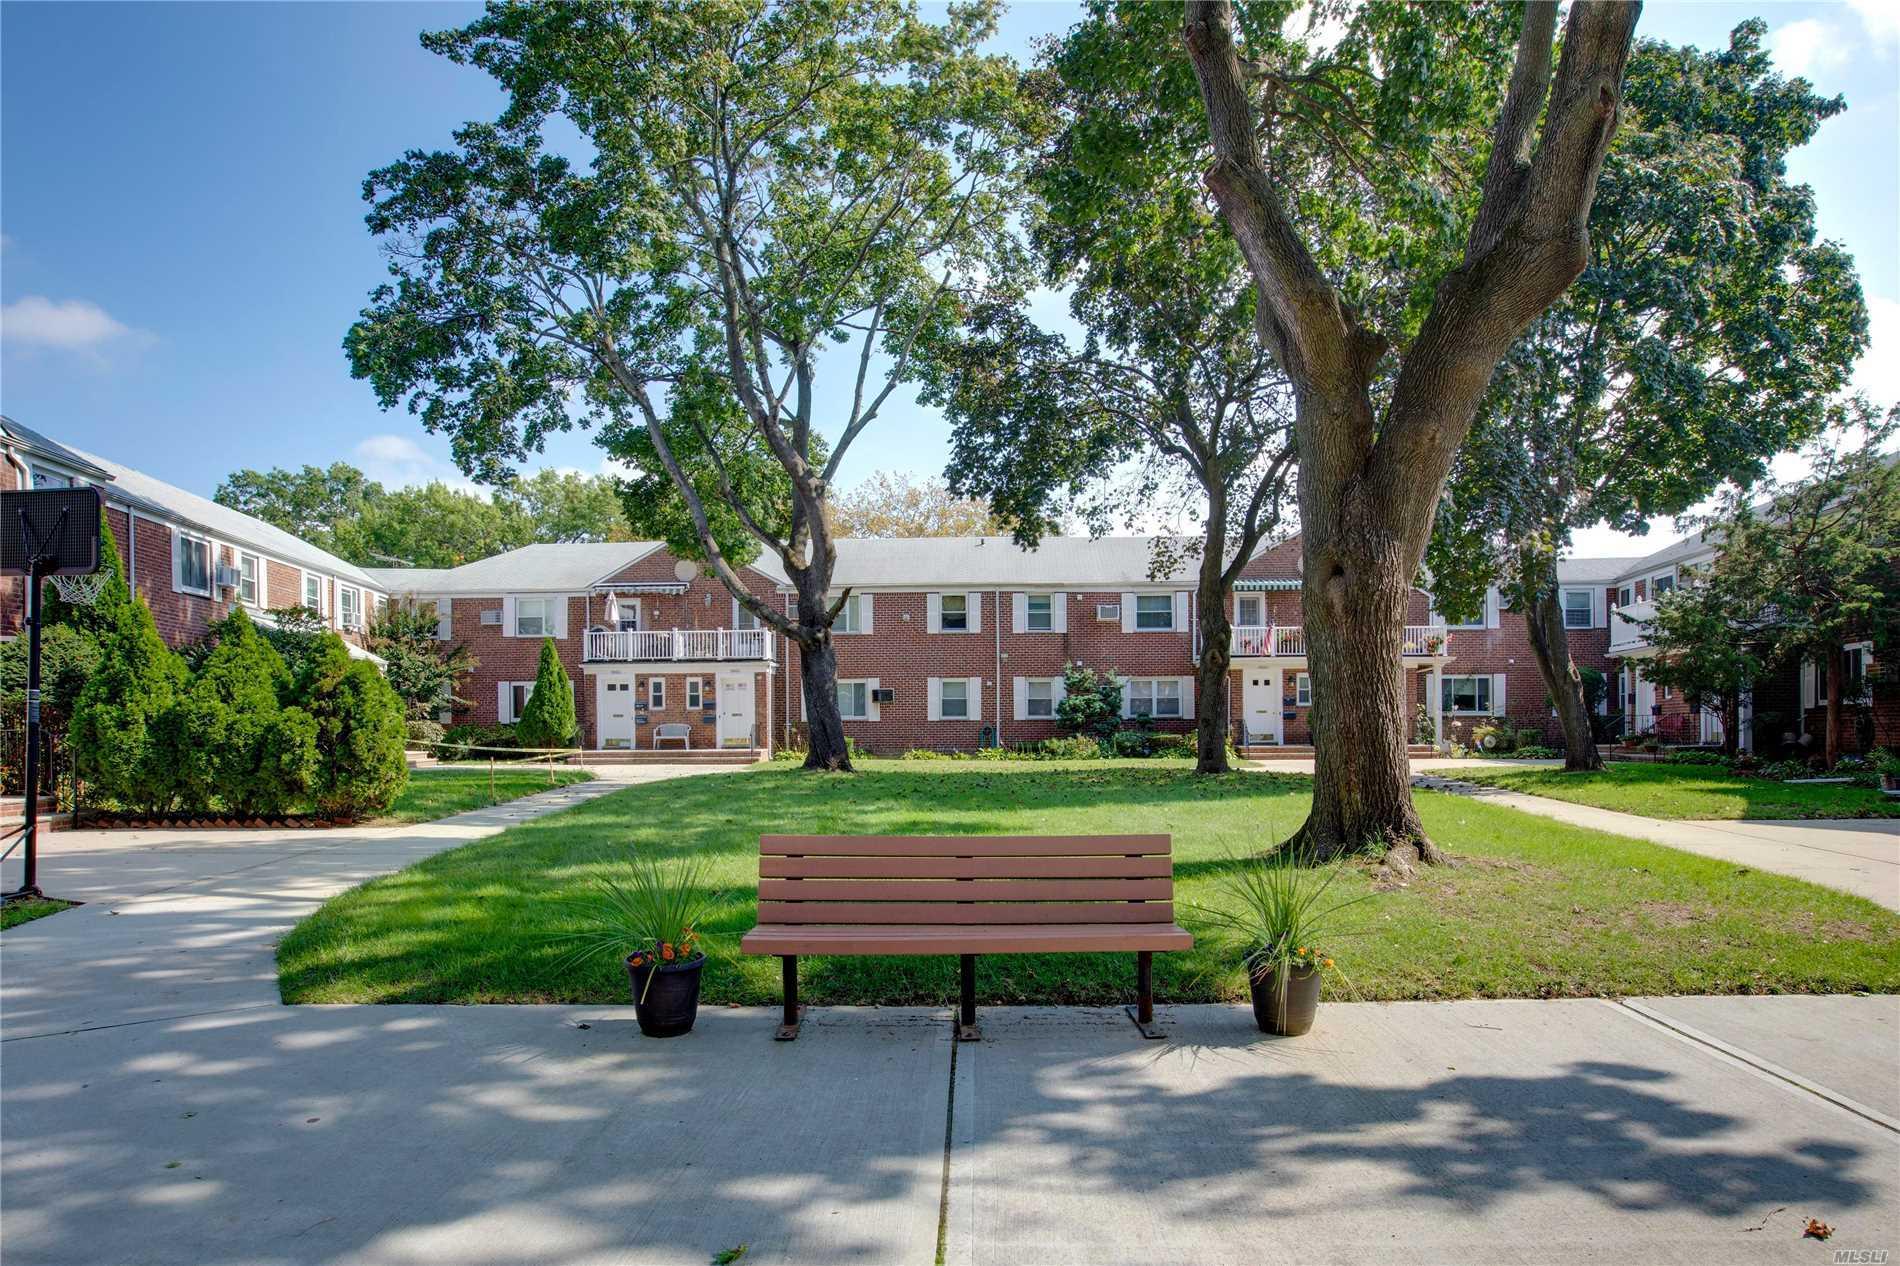 260-34 75 Ave, 2nd Fl - Glen Oaks, New York